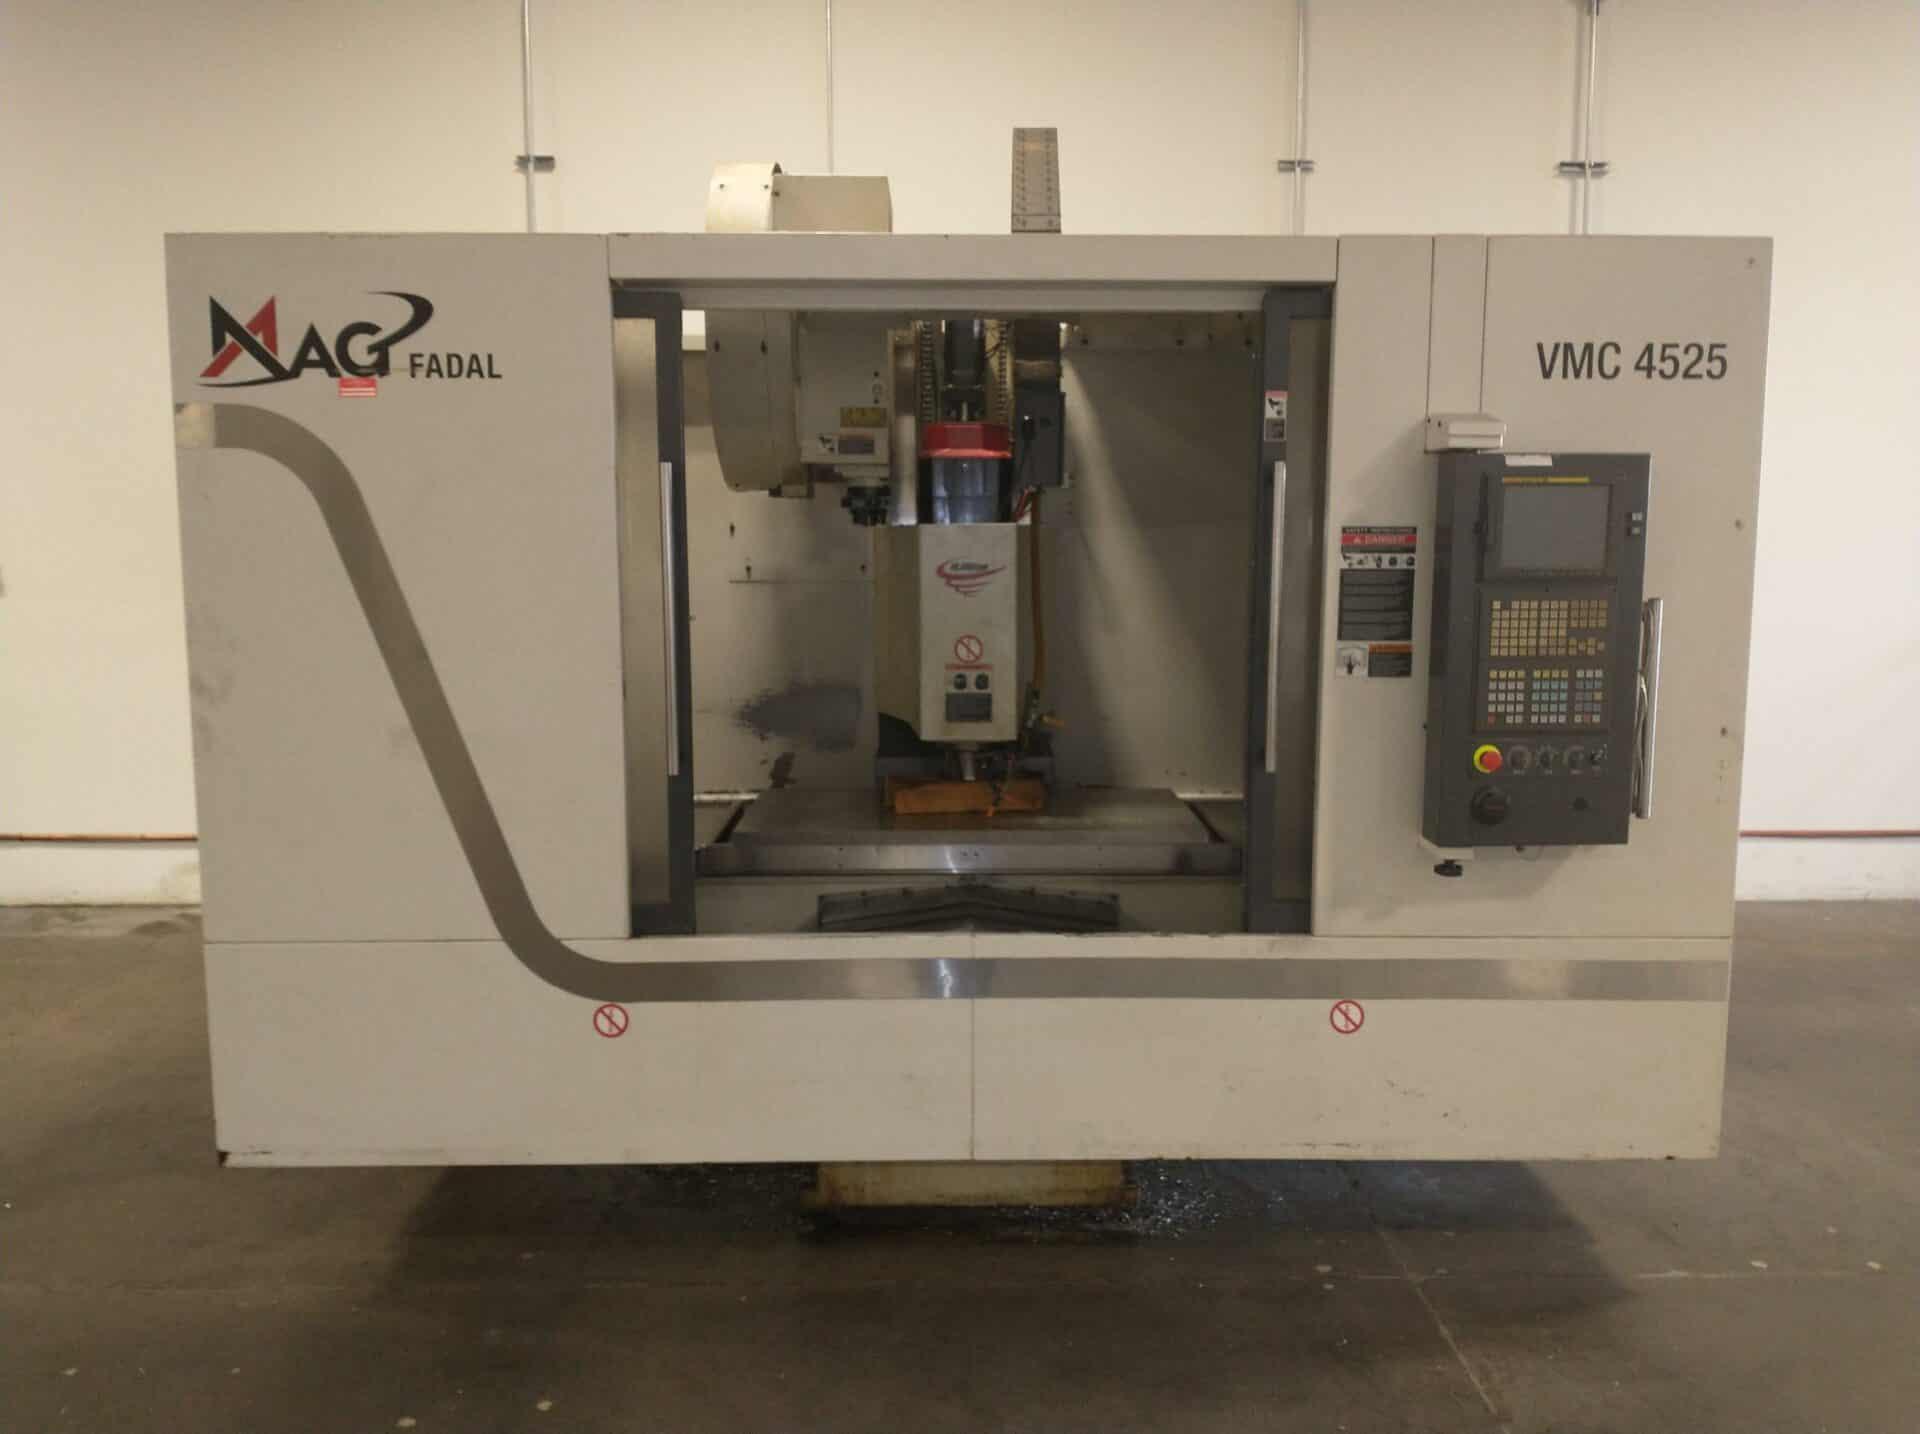 2008 MAG Fadal VMC 4525